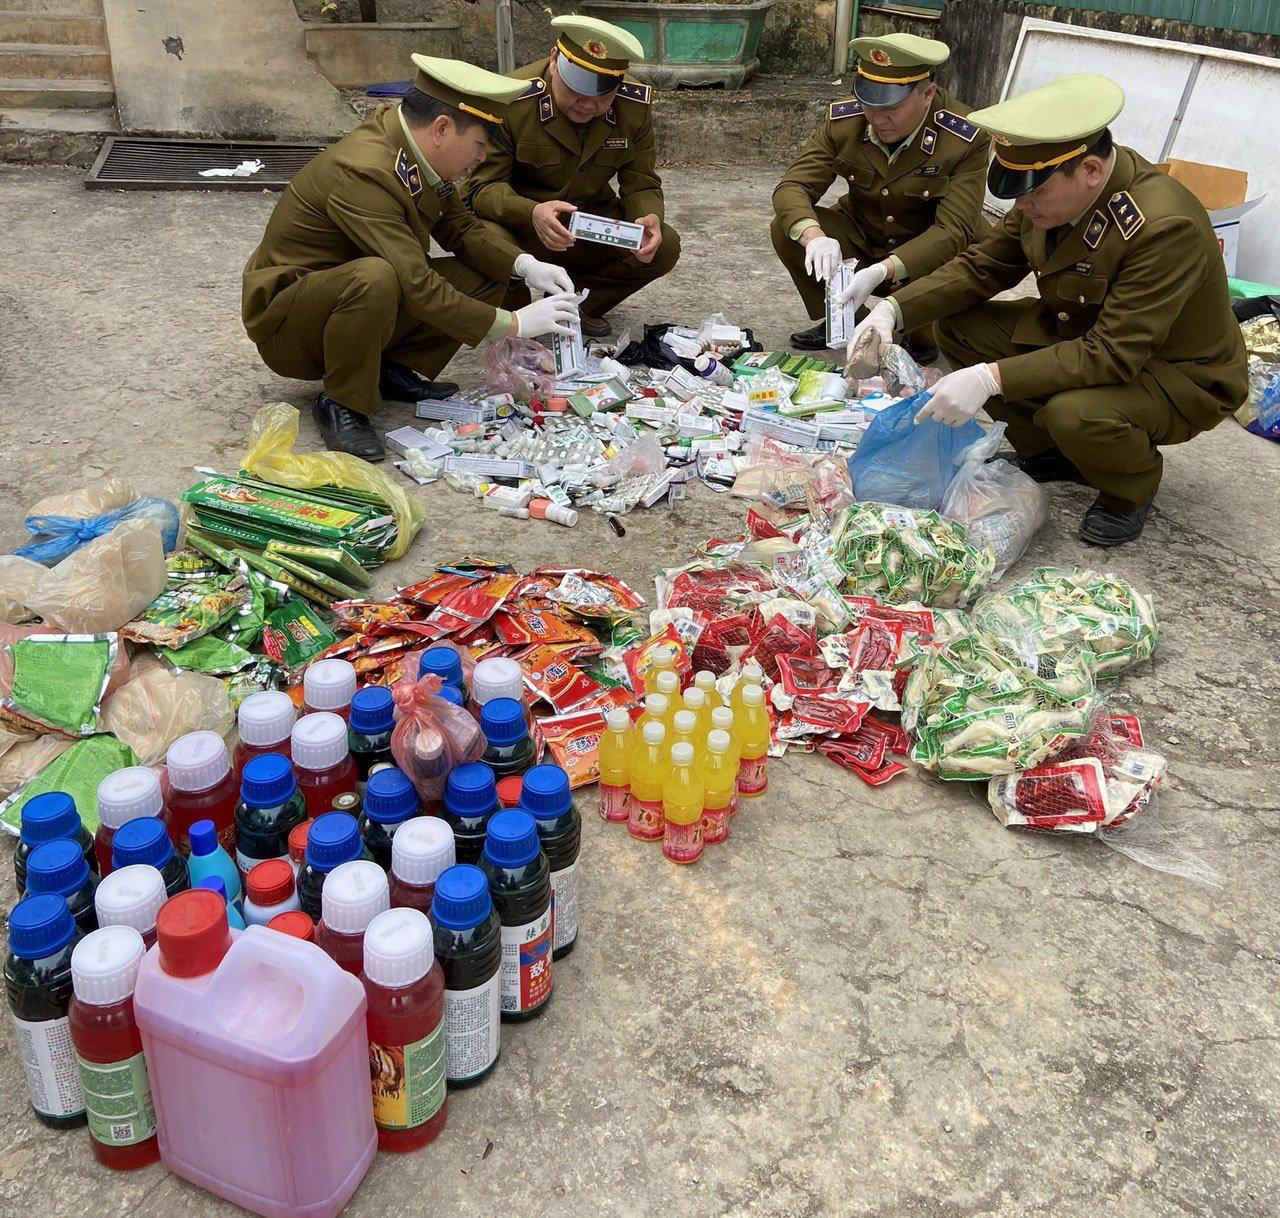 Hà Giang: Thu giữ gần 300kg thuốc bảo vệ thực vật không rõ nguồn gốc - Ảnh 1.